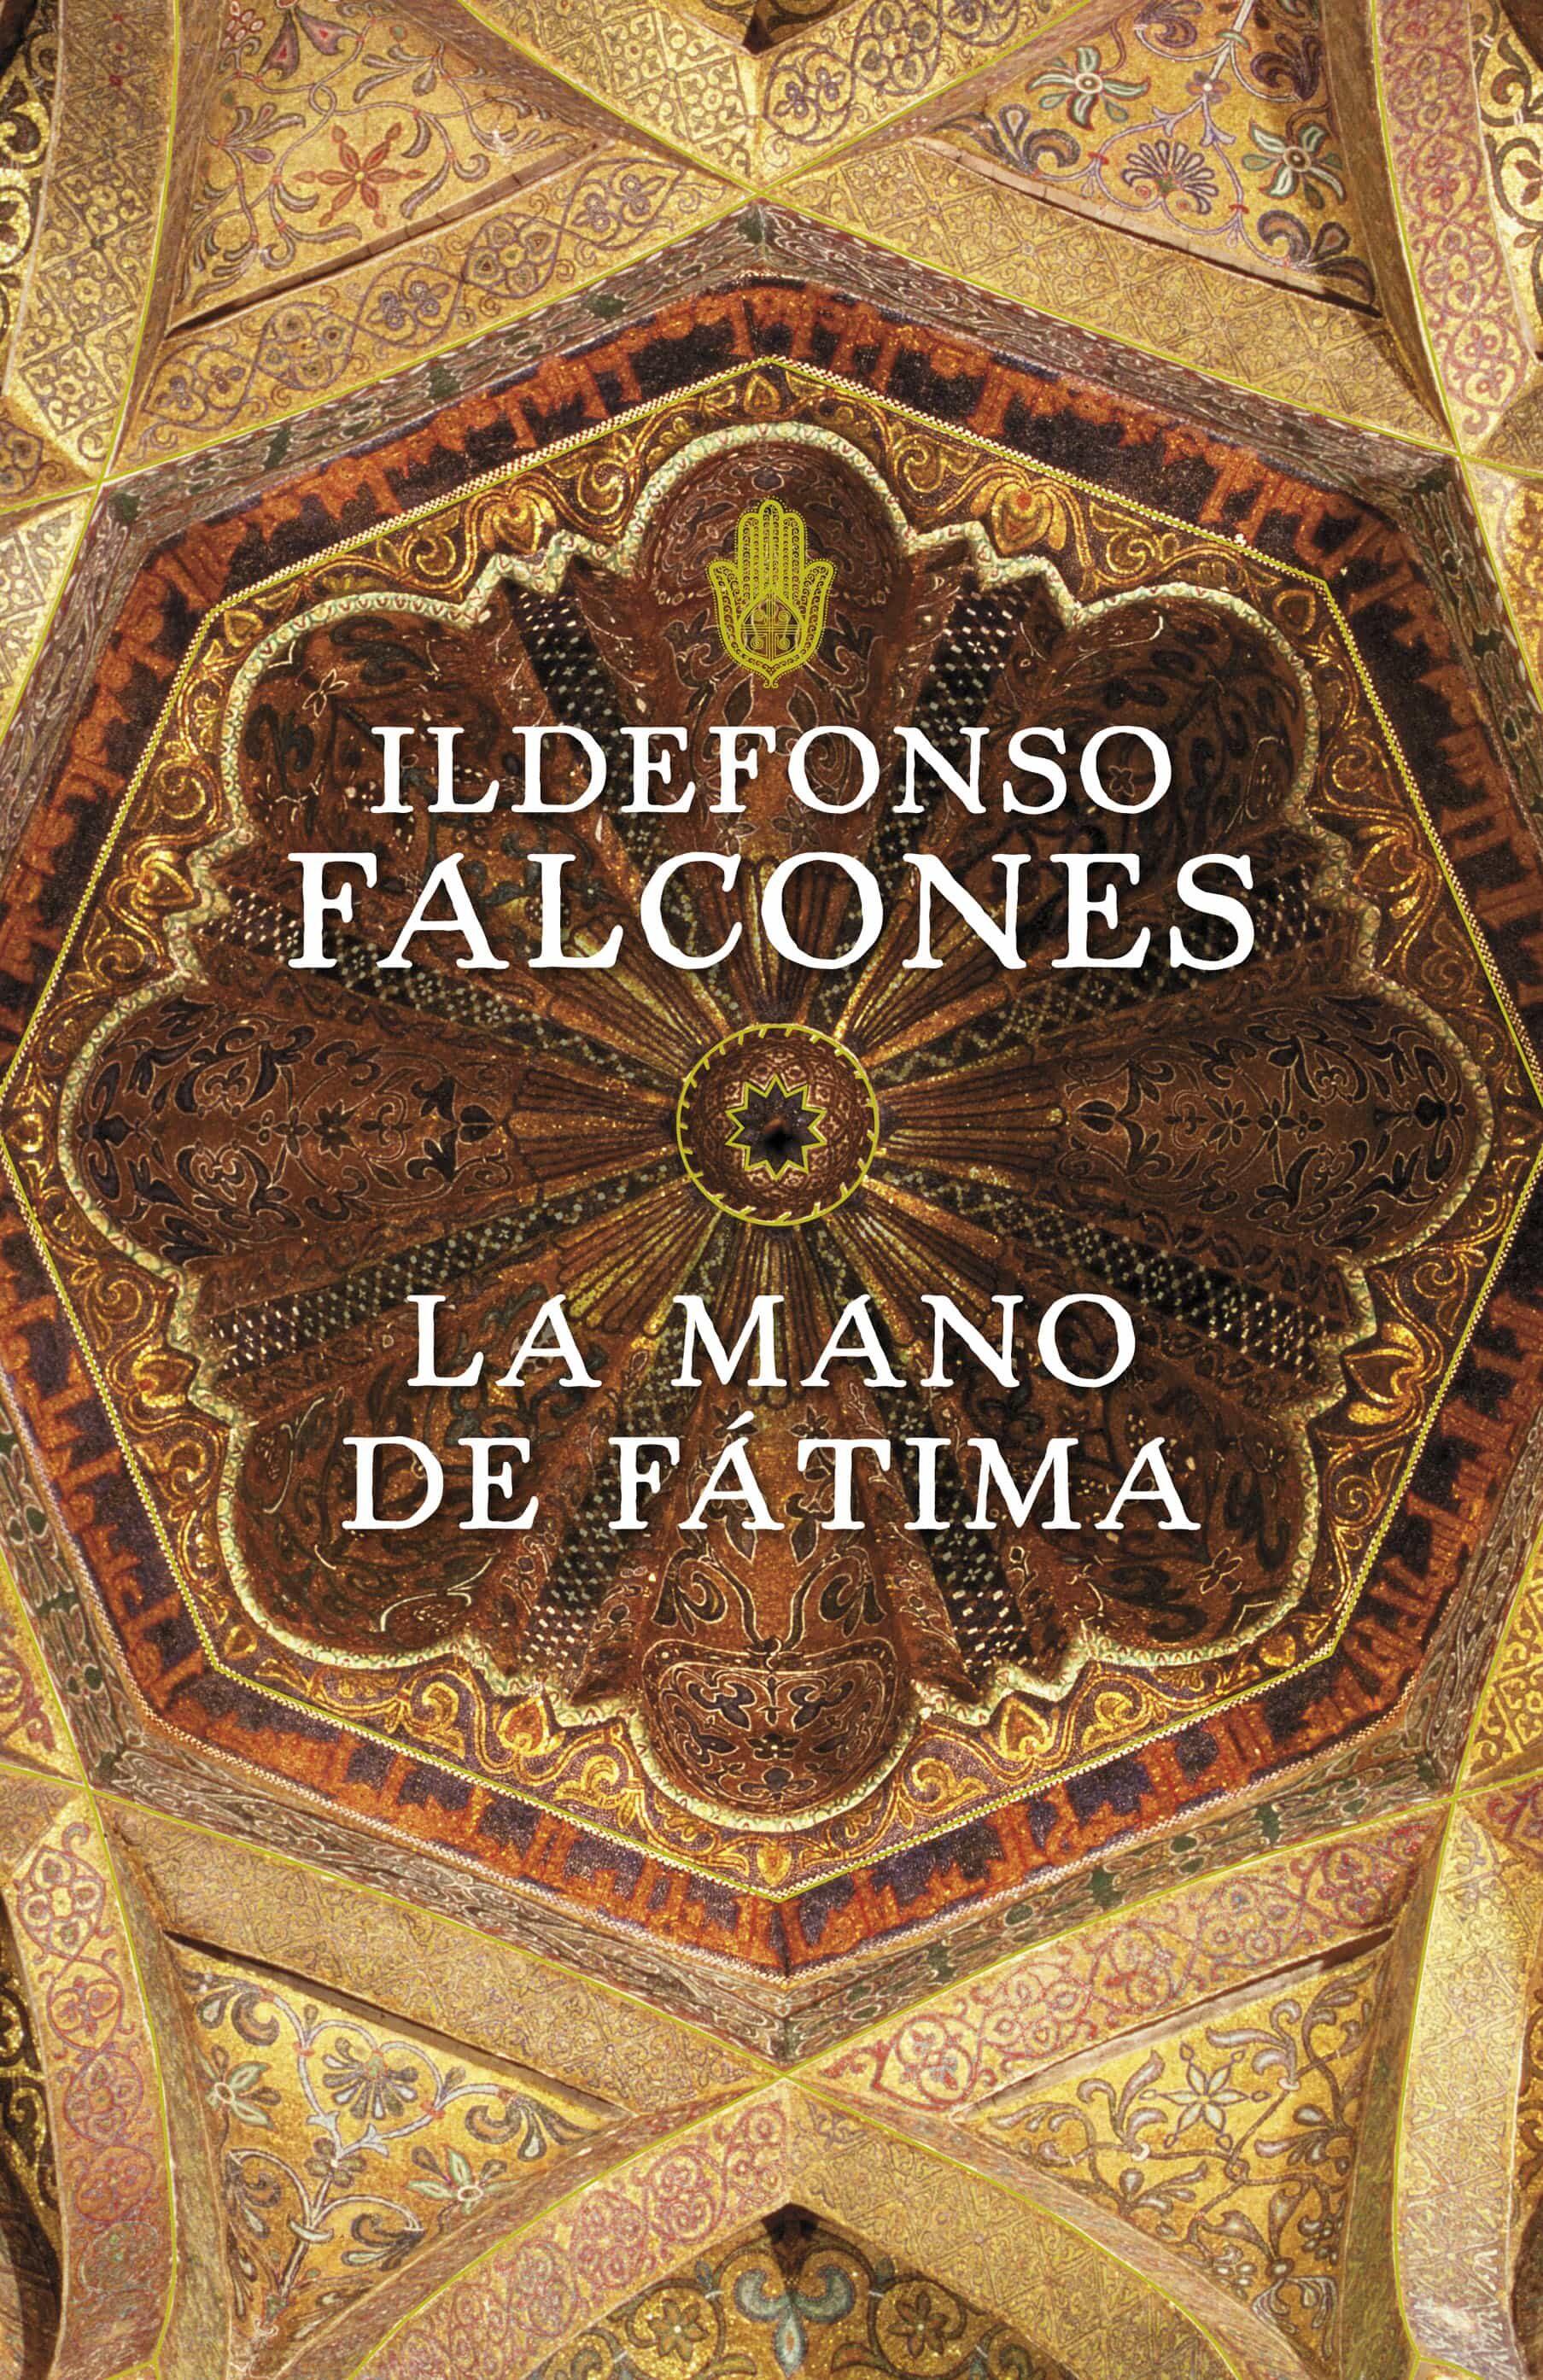 Resultado de imagen para la mano de fatima ildefonso falcones